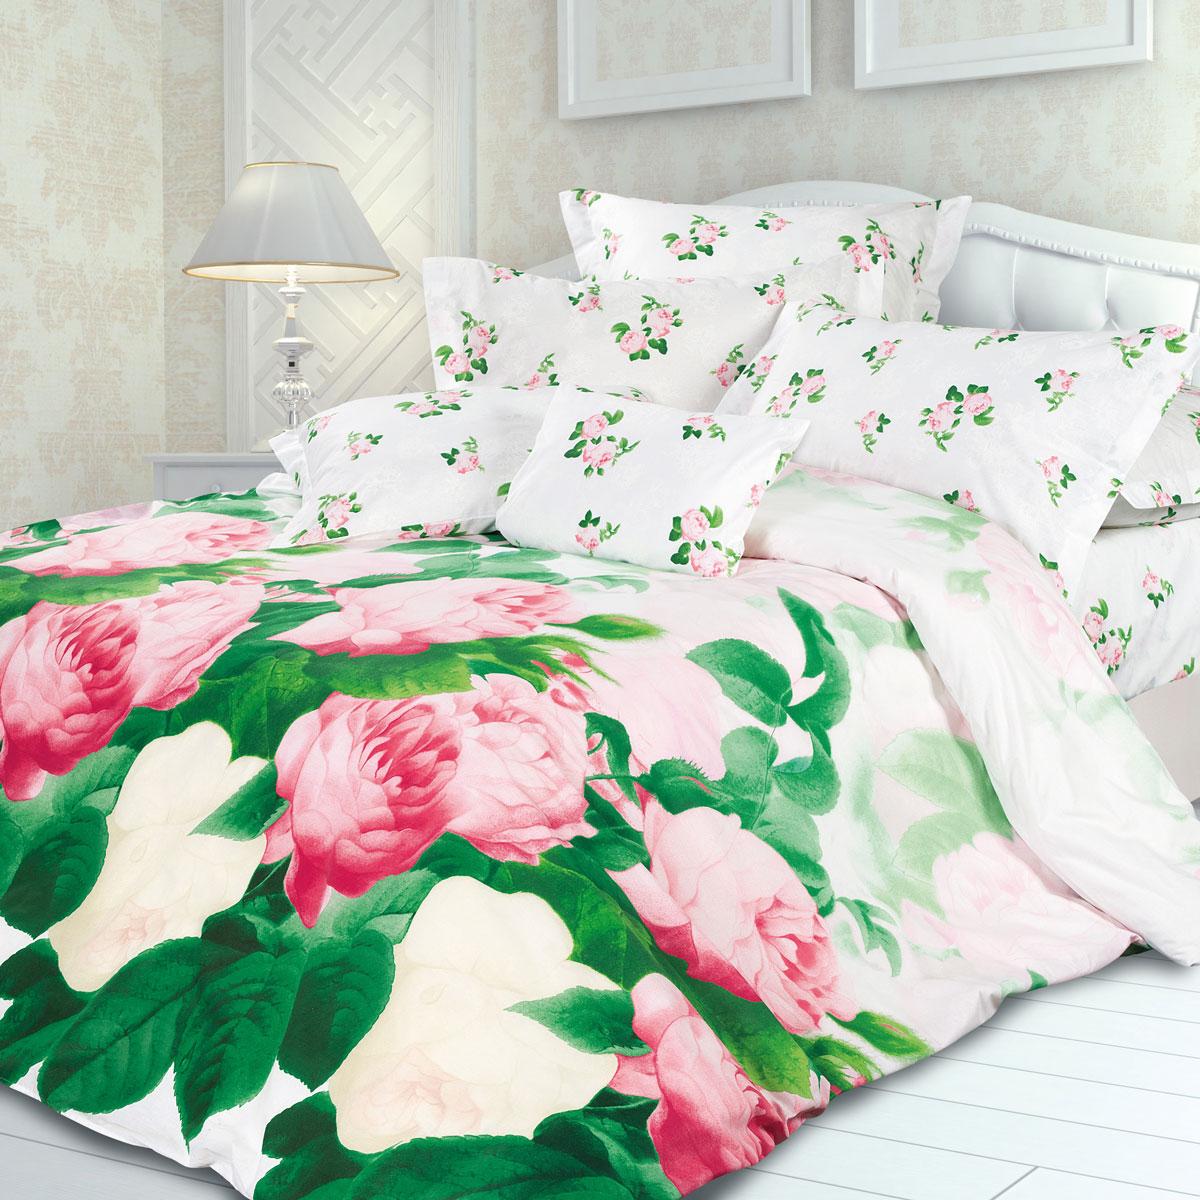 Комплект белья Унисон Розалинда, 2-х спальное, наволочки 70 х 70, цвет: белый. 291399291399Постельное белье торговой марки «Унисон Биоматин» - это домашний текстиль премиум класса с эксклюзивными дизайнами в разнообразных стилистических решениях. Комплекты данной серии выполнены из ткани «биоматин» - это 100% хлопок высочайшего качества, мягкий, тонкий и легкий, но при этом прочный, долговечный и очень практичный, с повышенным показателем износостойкости, обладающий грязе- и пылеотталкивающими свойствами, долго сохраняющий чистоту и свежесть постельного белья, гипоаллергенный.